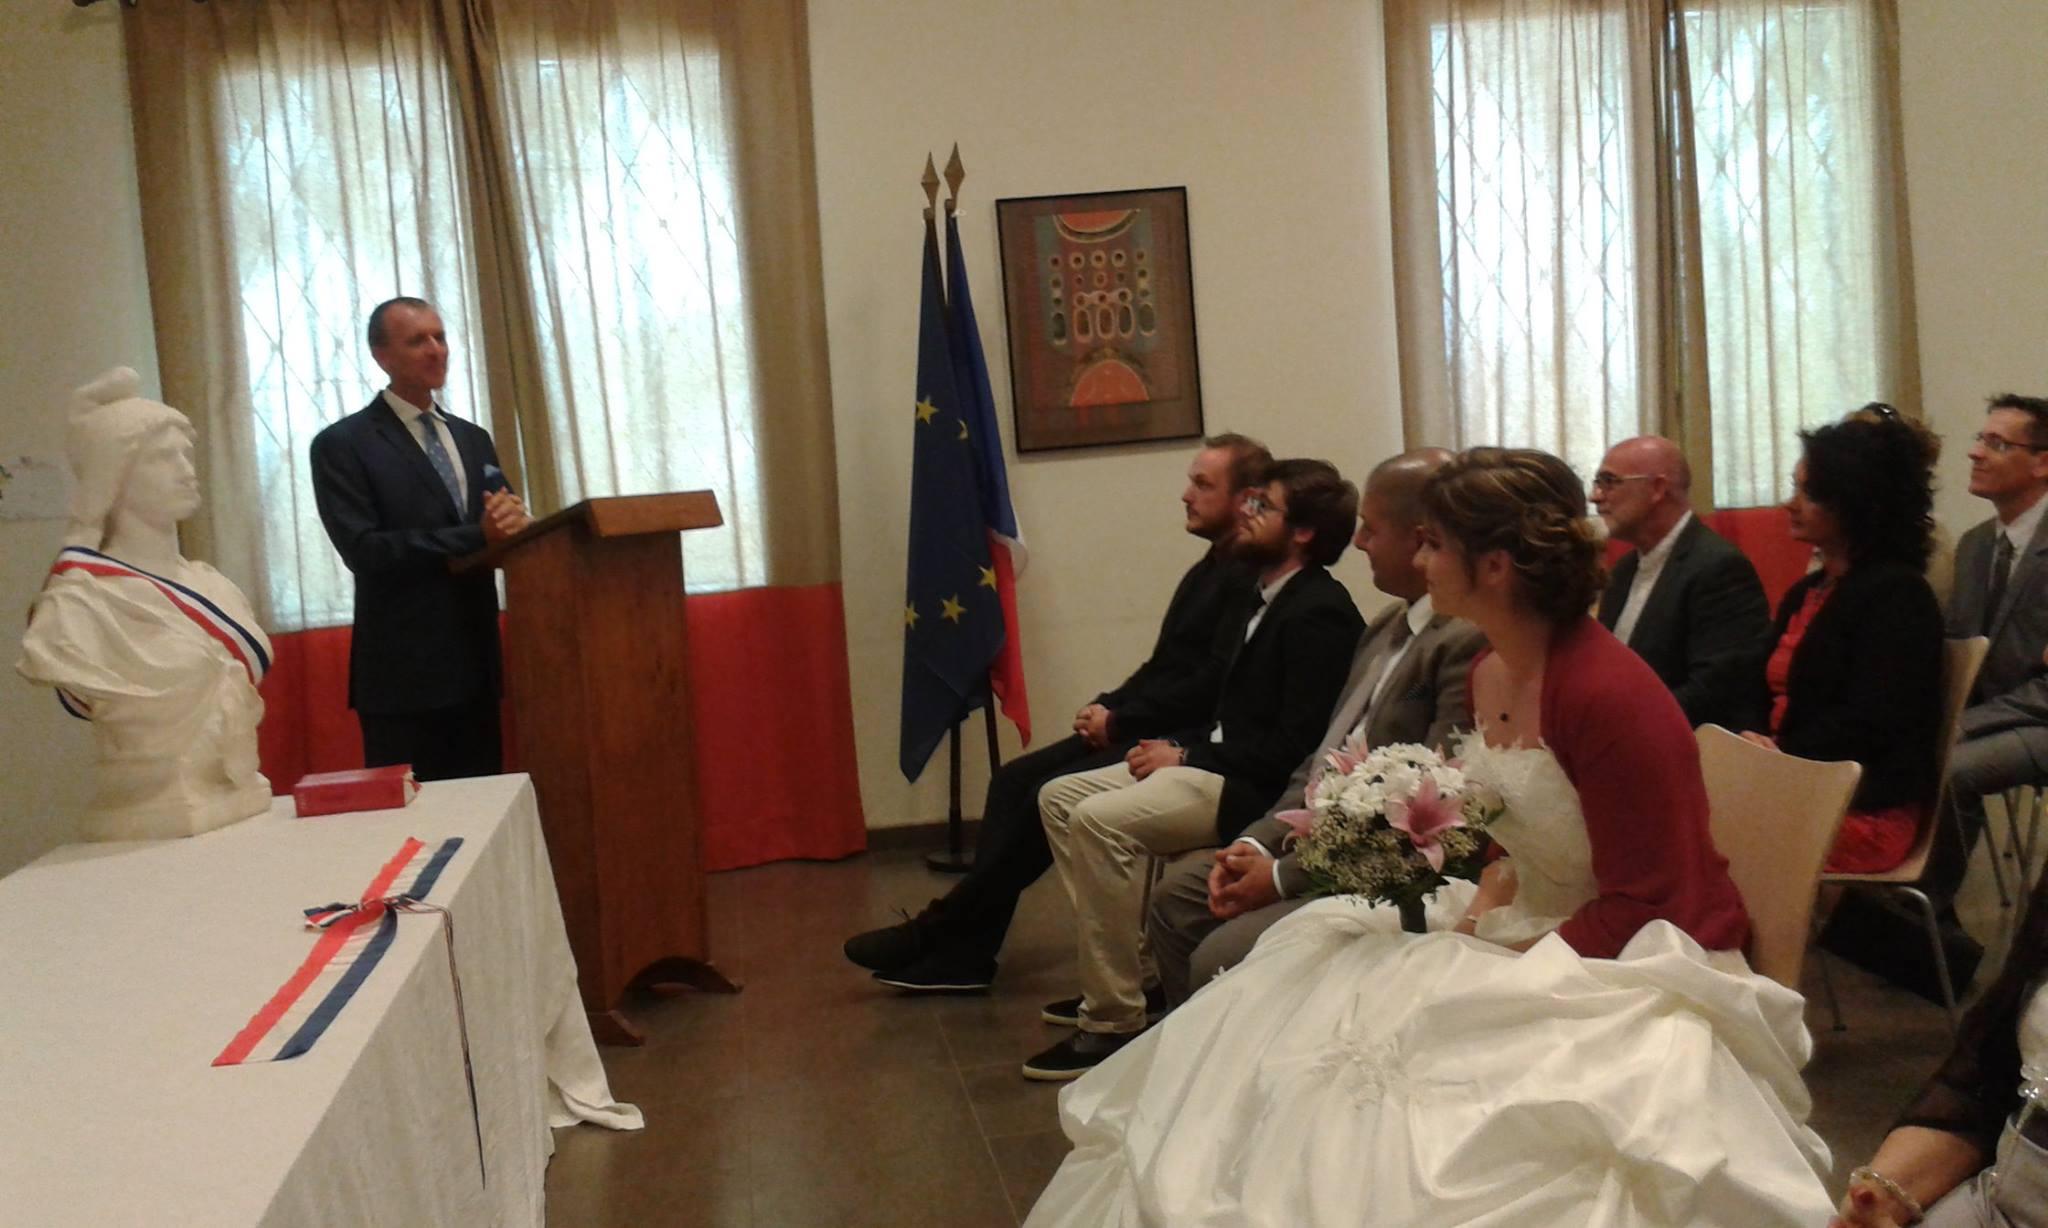 Le Consul général de France à Dakar Olivier Serot Almeras  a célébré ce jour deux mariages, longue vie aux mariés !